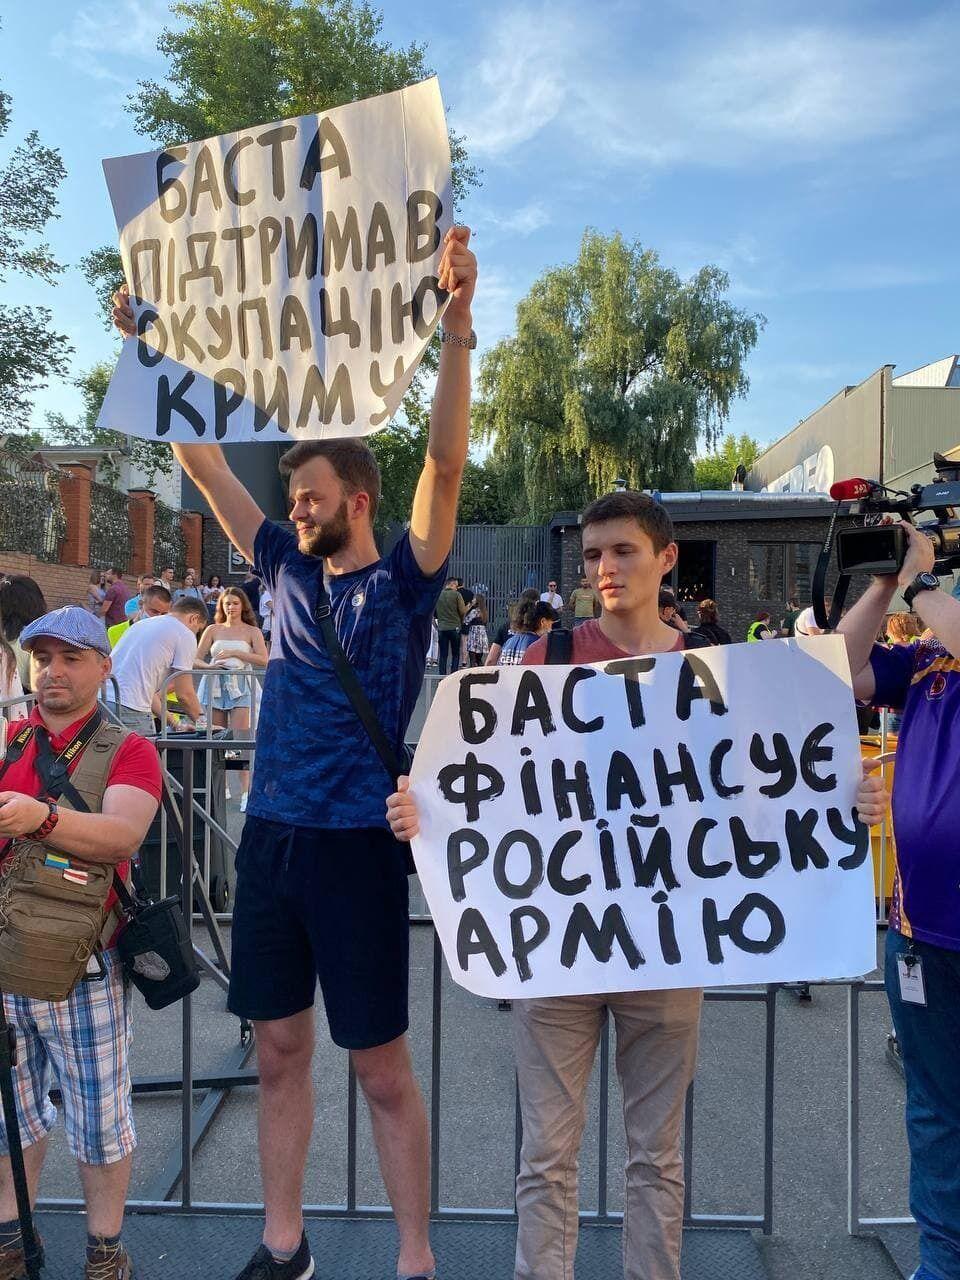 Активісти нагадали, що Баста незаконно відвідував Крим